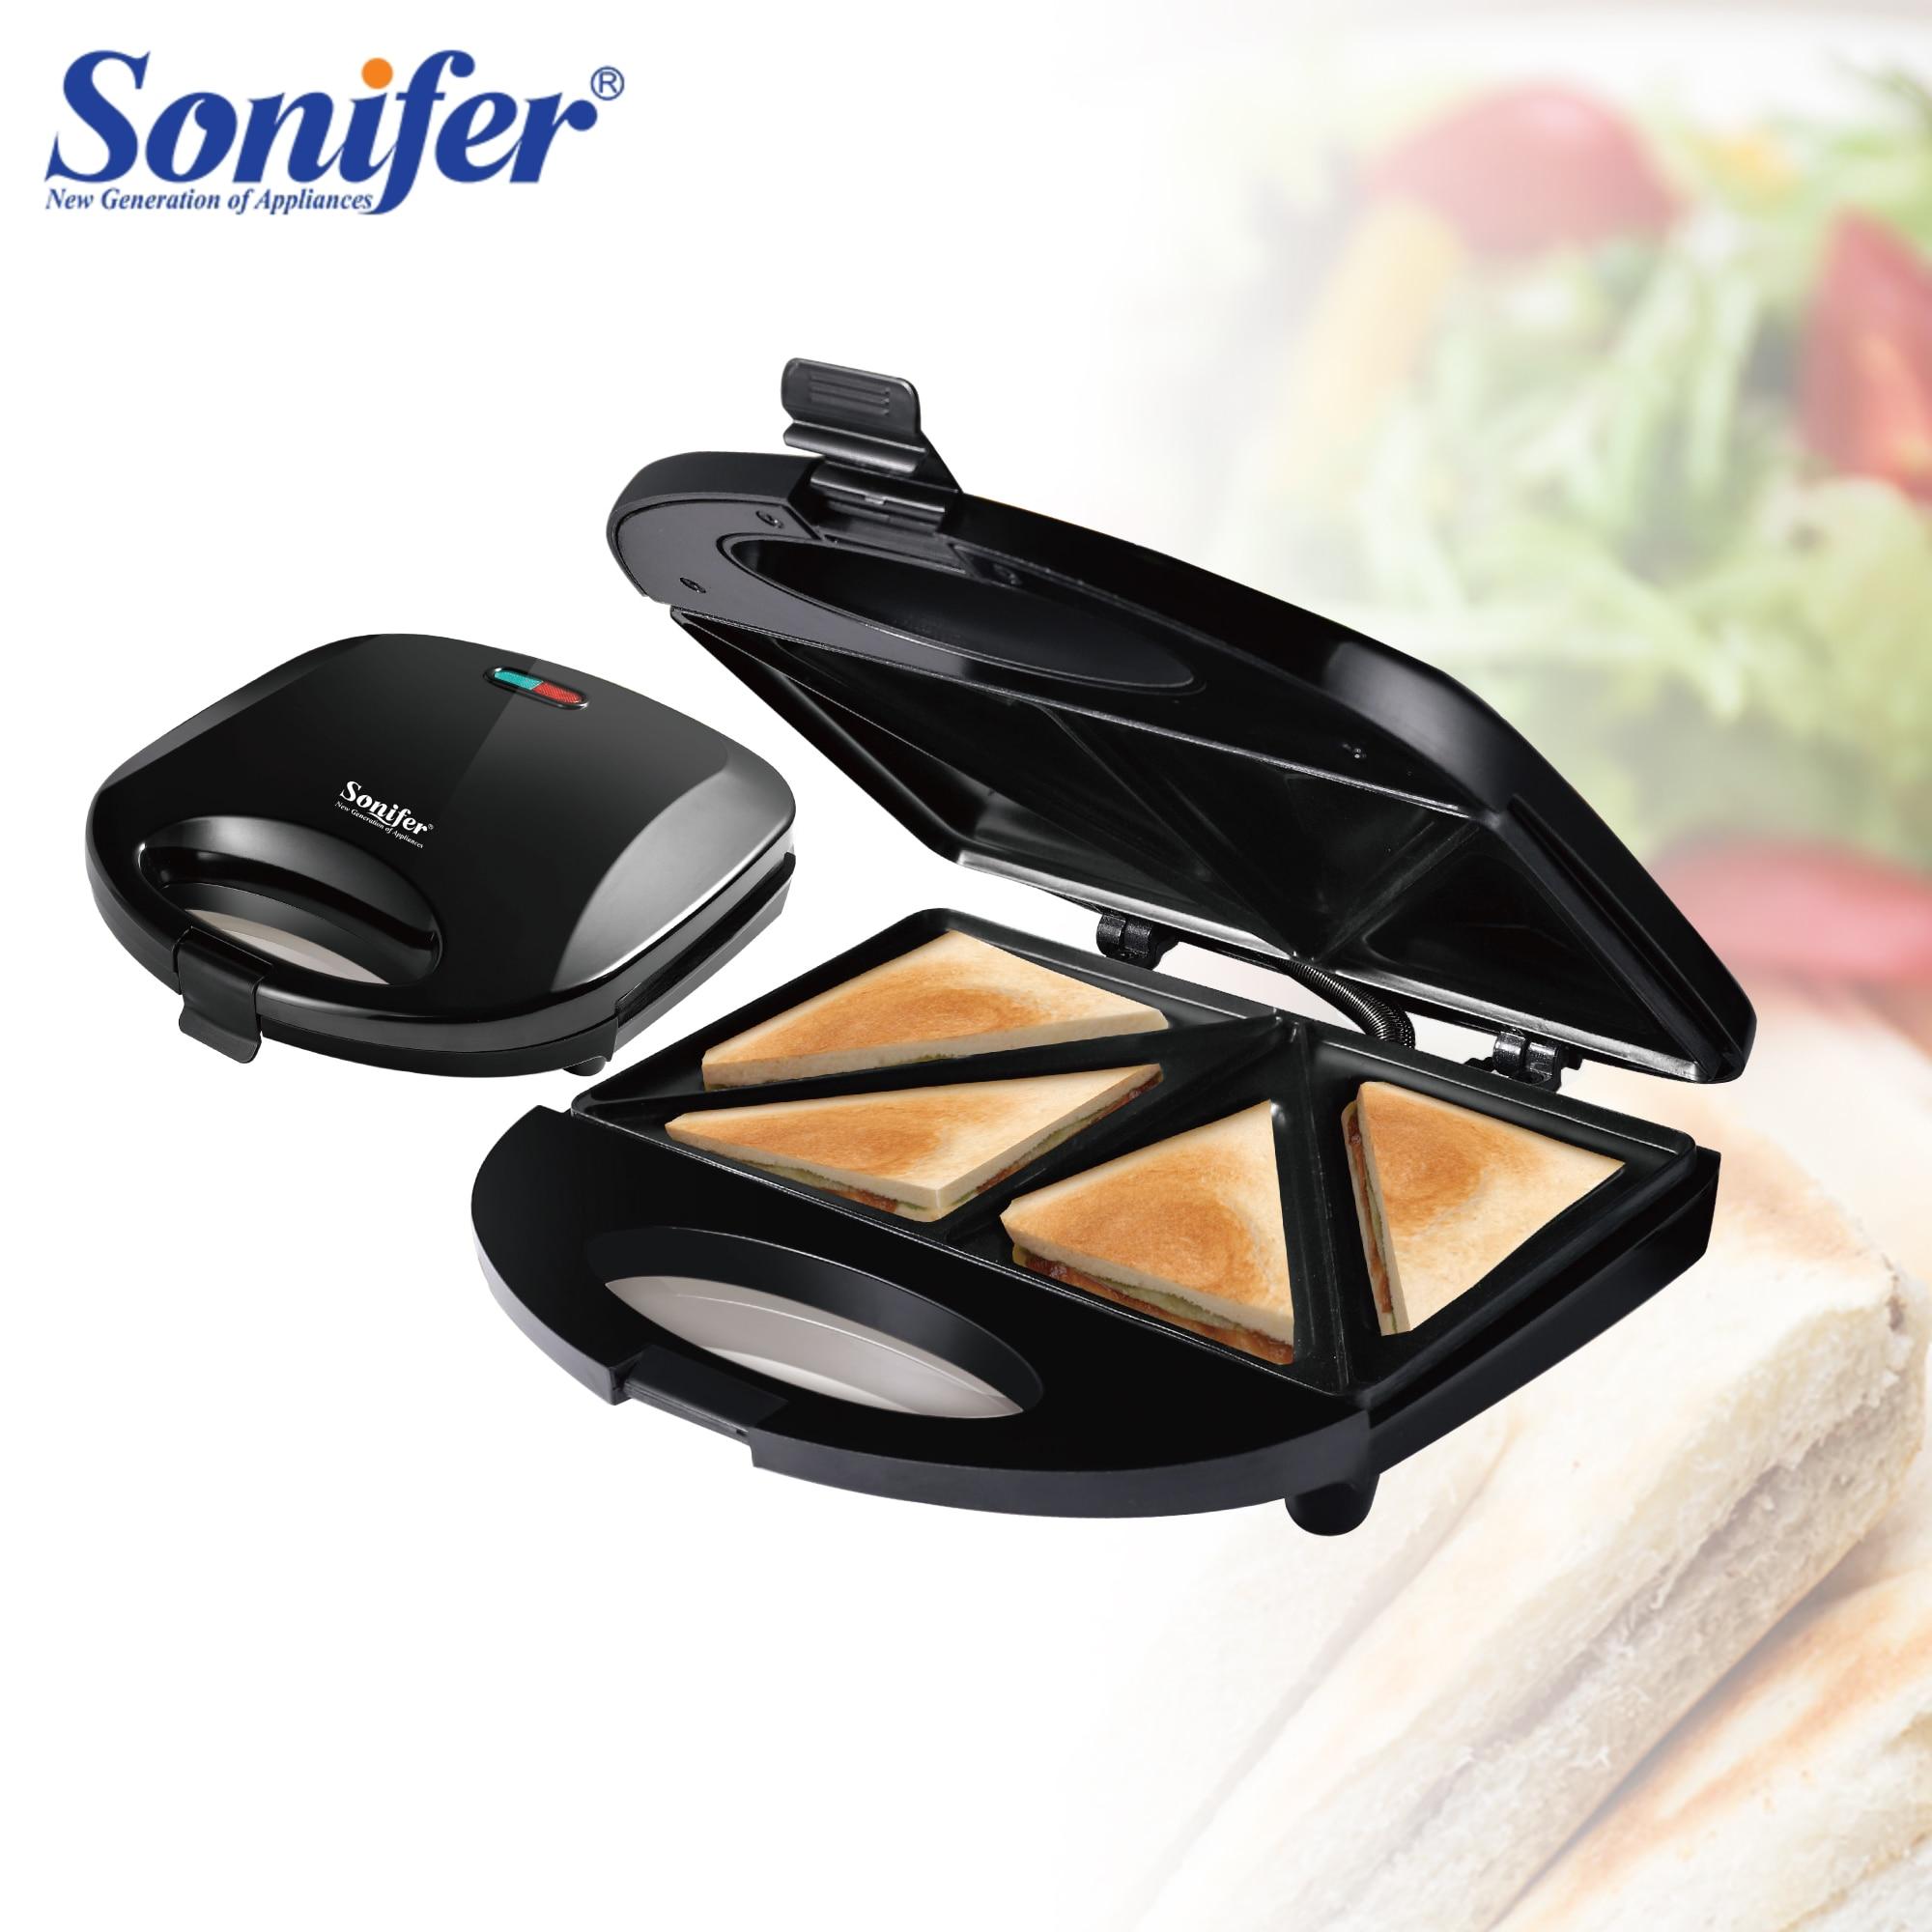 صانع الساندوتشات الكهربائية نخب أجهزة مطبخ الطبخ السندويشات الصحافة آلة الإفطار الوافل وعاء الحديد مقلاة خبز Sonifer